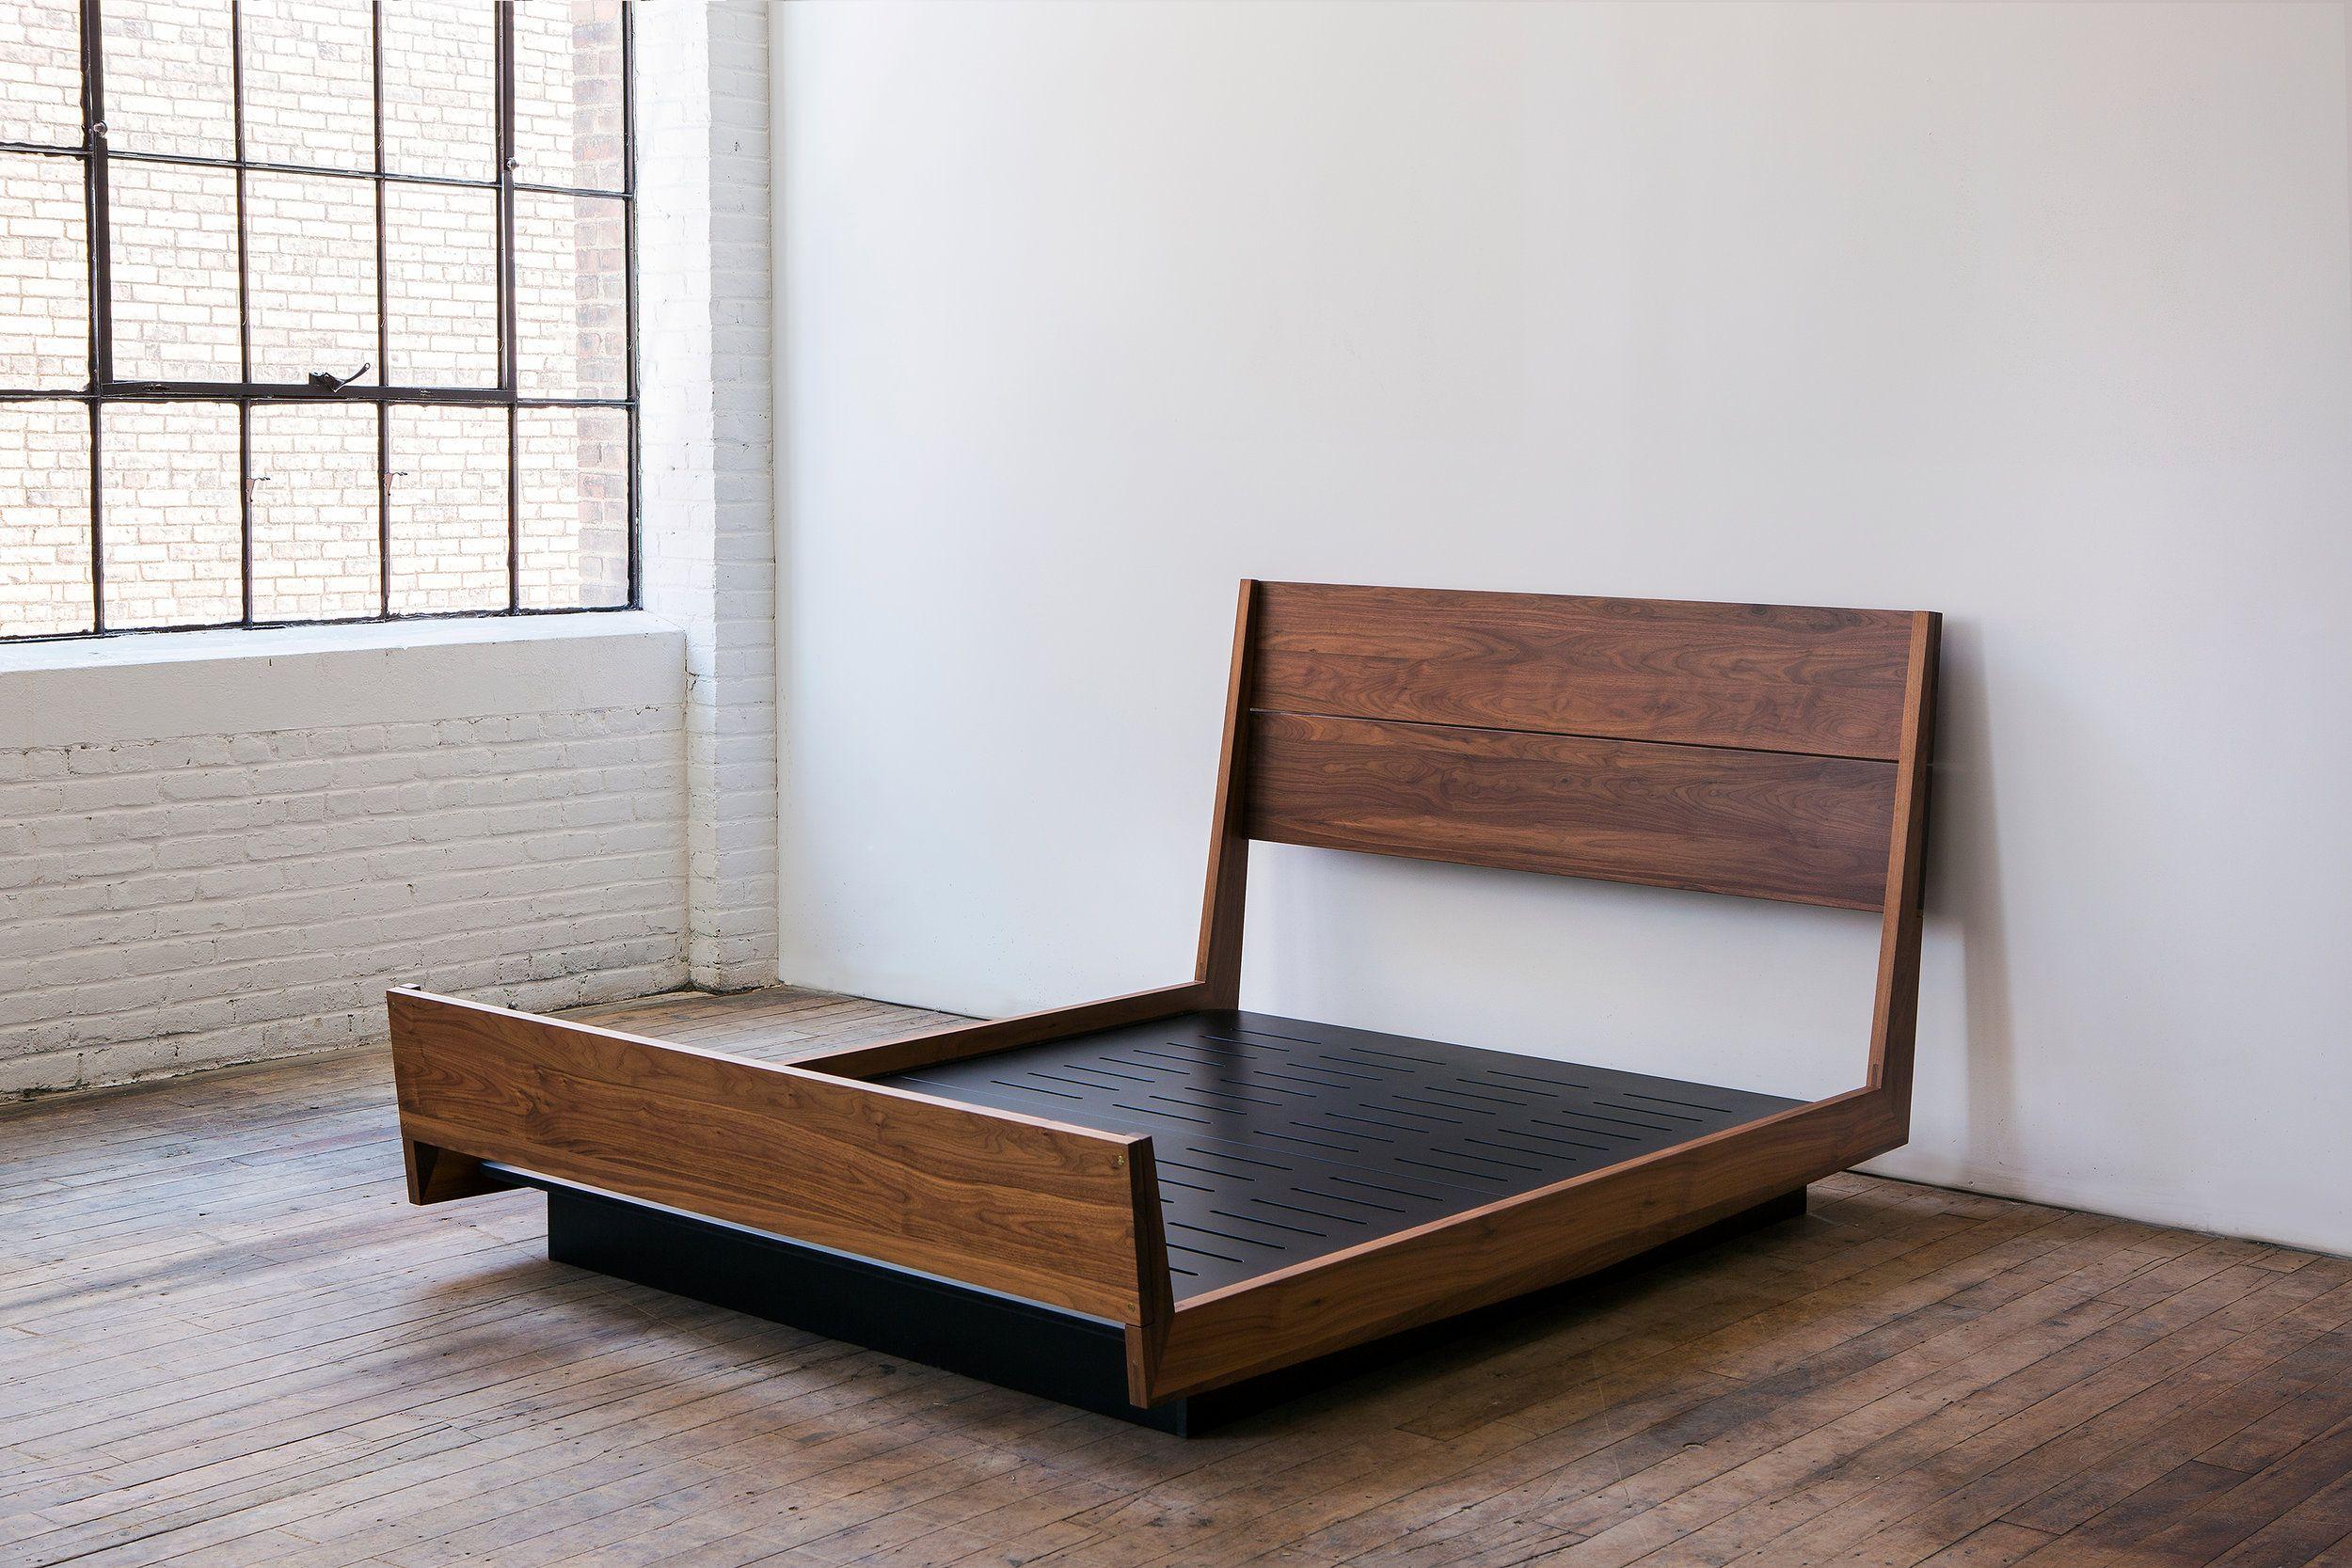 ab5 solid walnut platform bed Hardwood bed, Floating